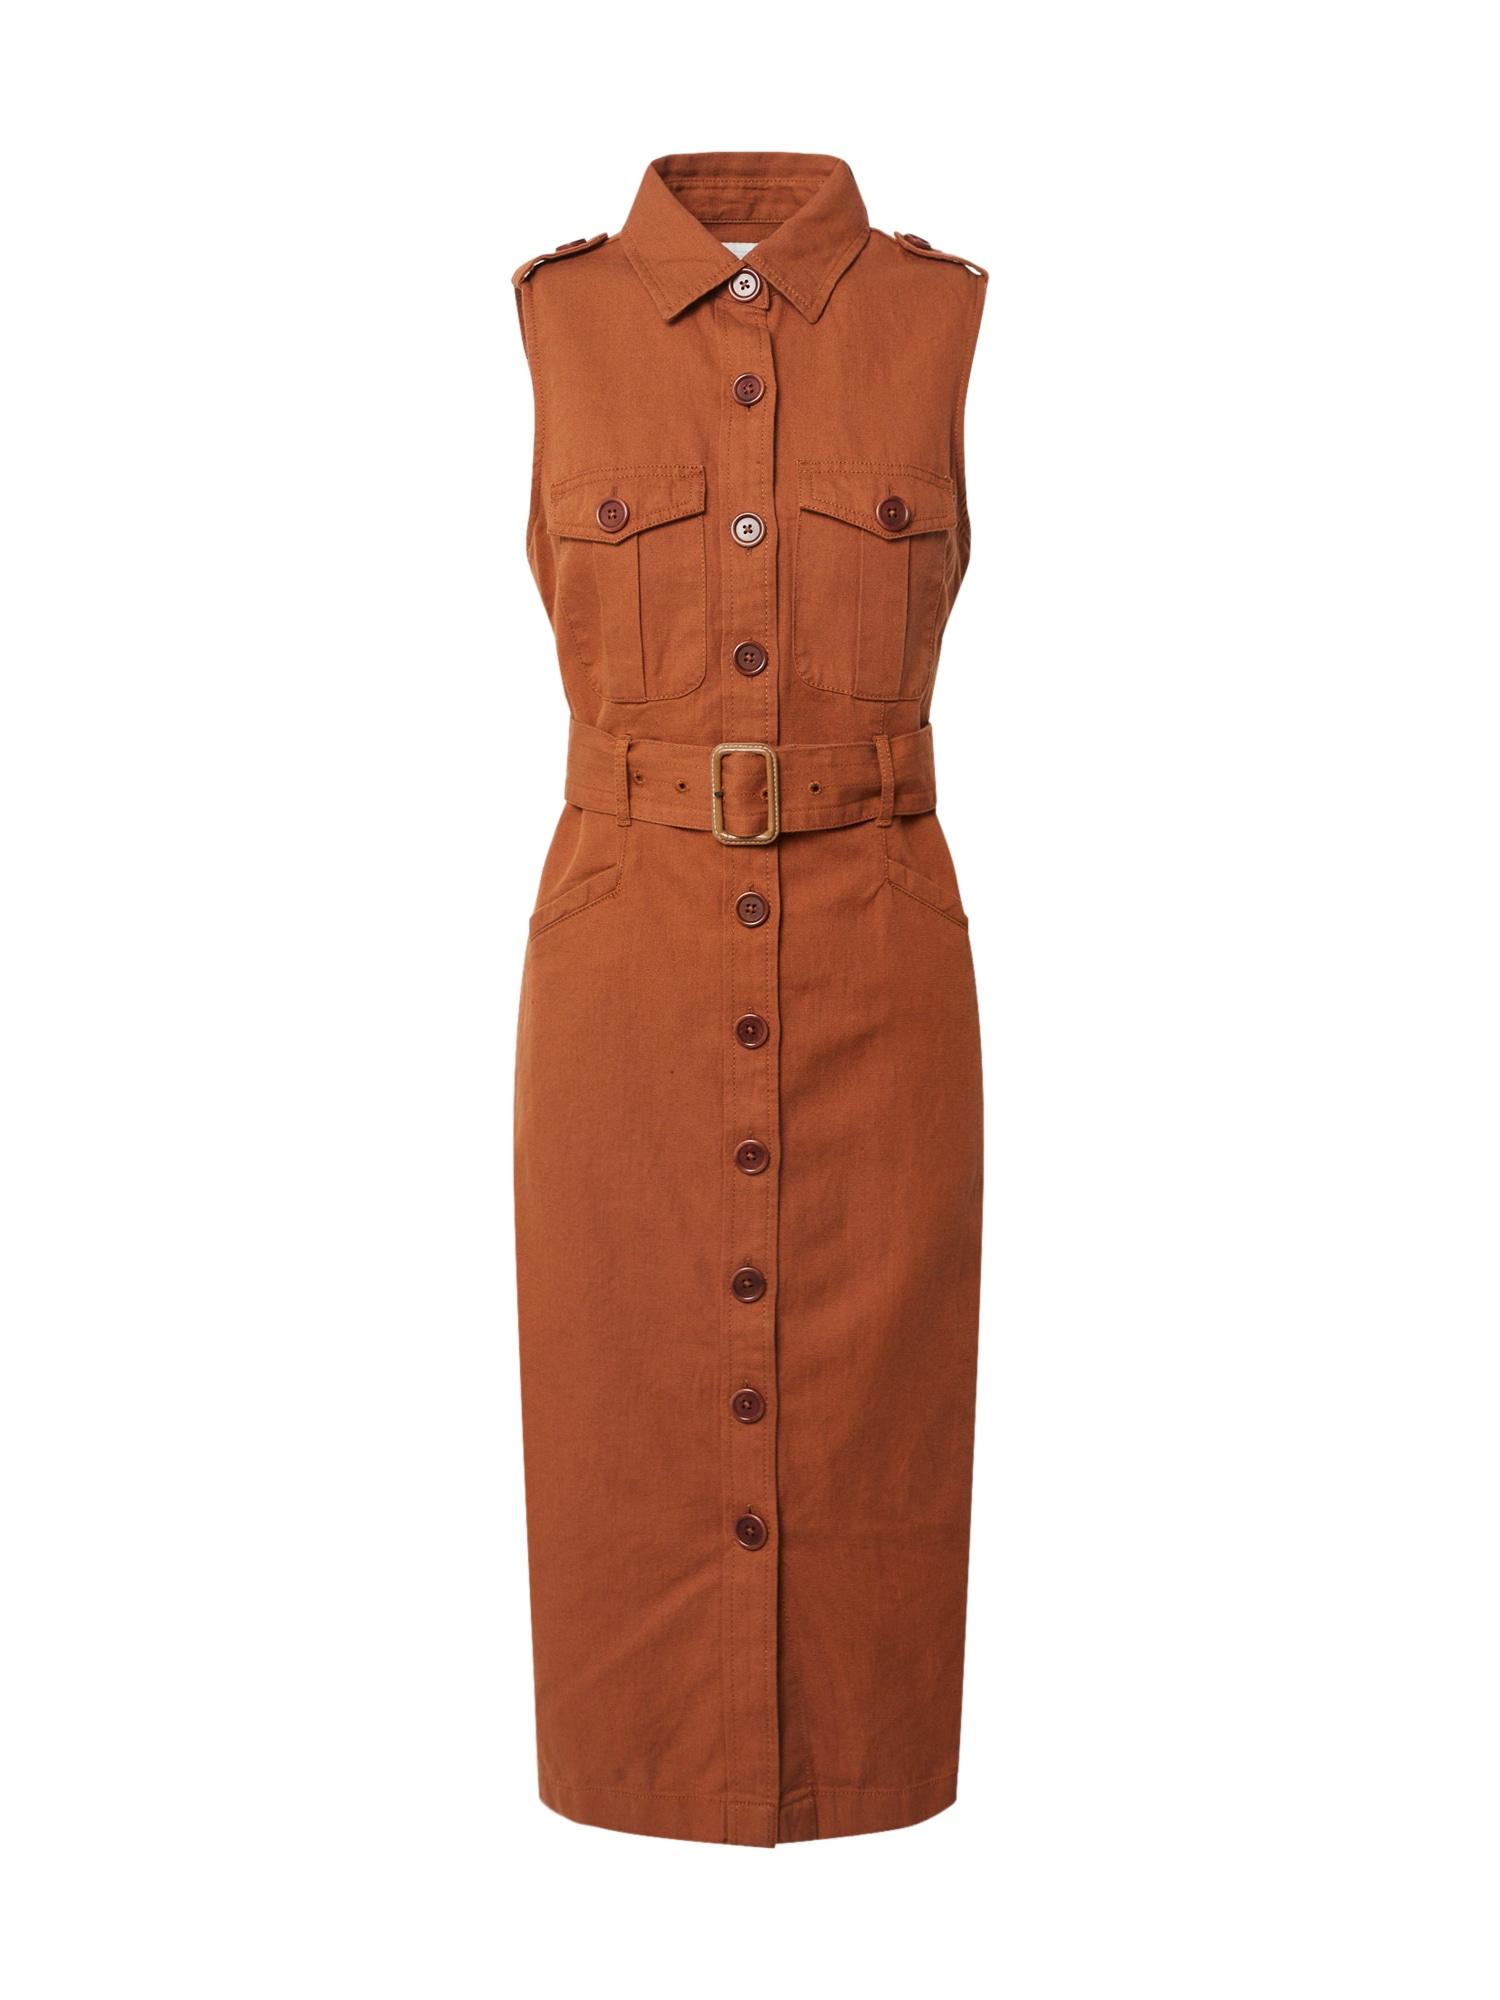 Banana Republic Palaidinės tipo suknelė ruda (konjako)